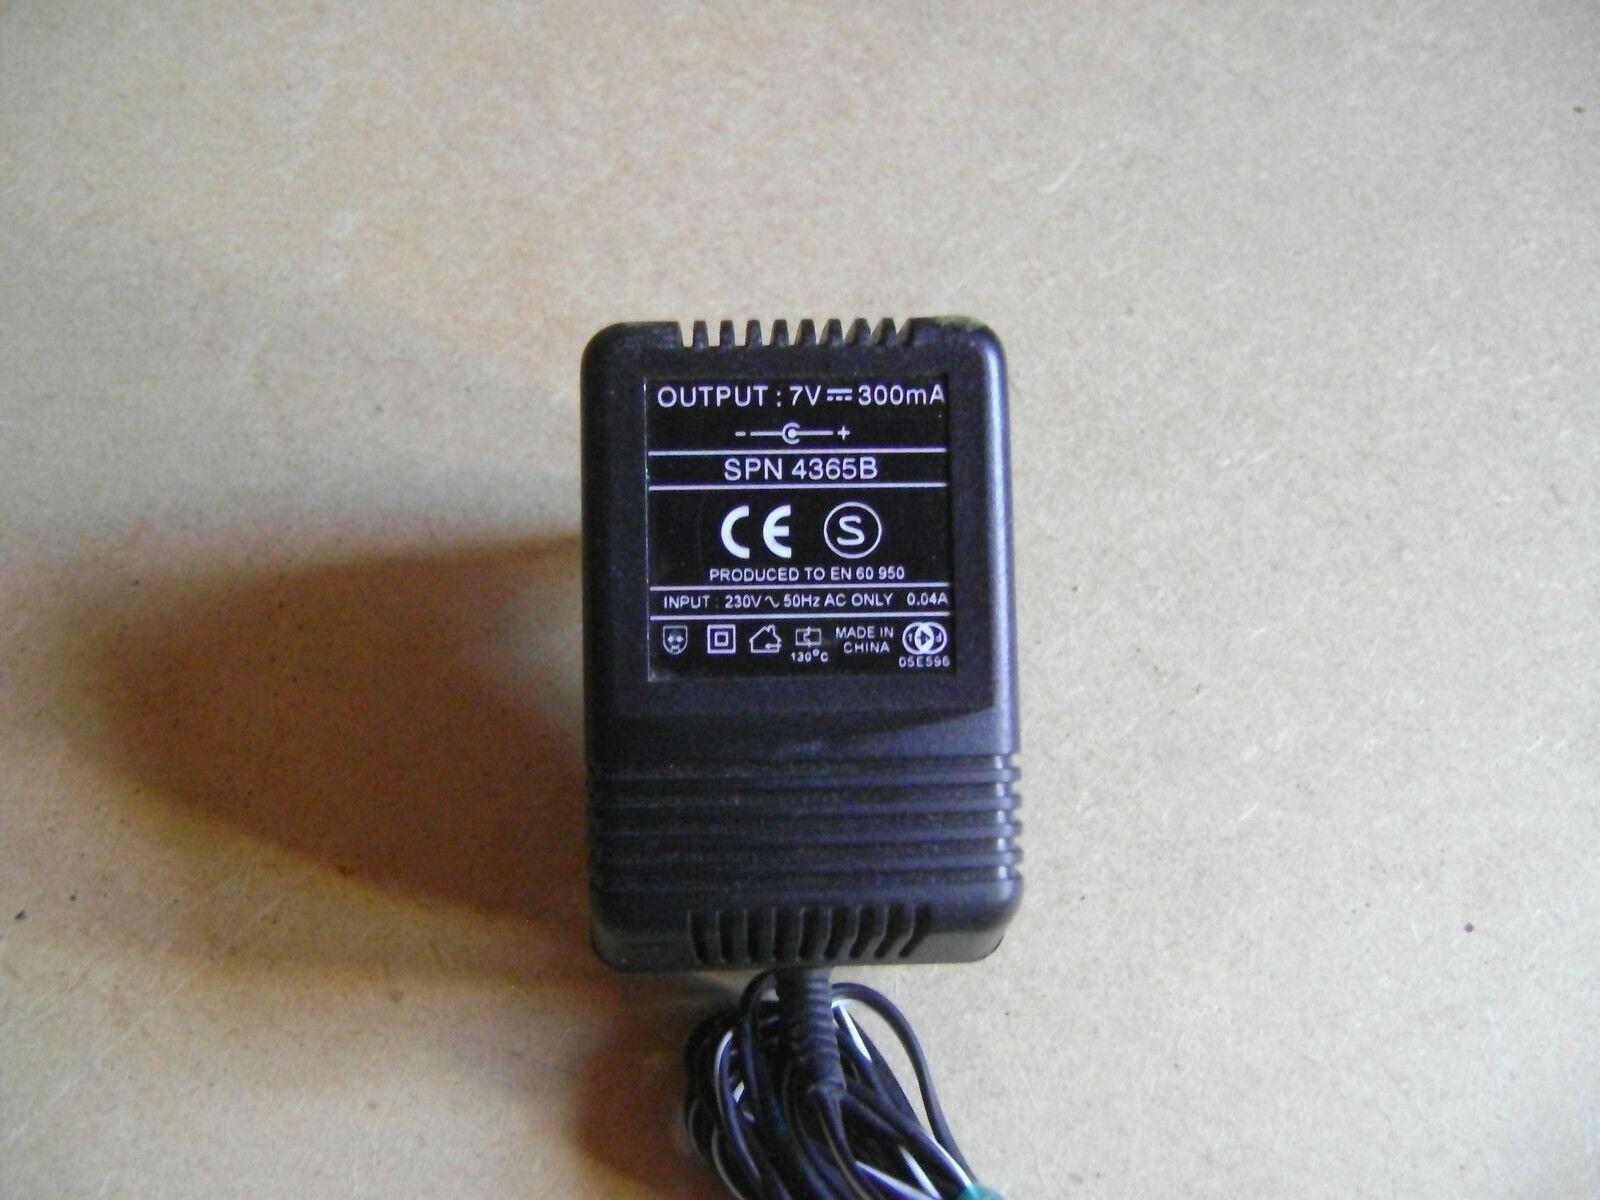 Adaptateur Secteur Chargeur Alimentation 7V DC 300mA SPN4365B    /AA25 30b947